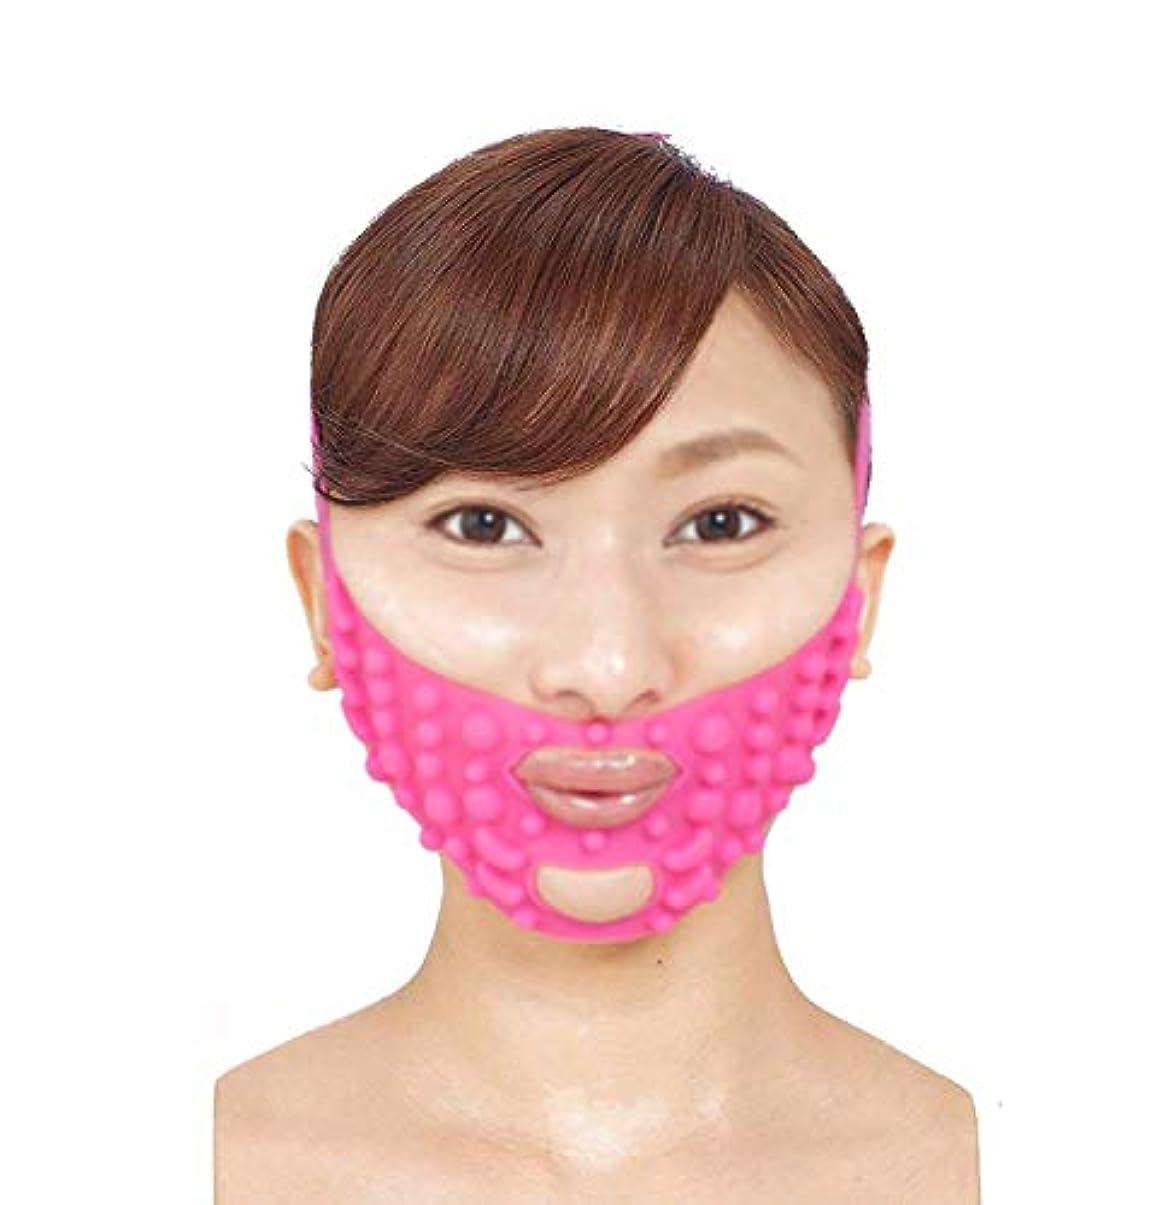 みなす縫い目ハイブリッドフェイシャルマスク、リフティングアーティファクトフェイスマスク垂れ下がった小さなVフェイスバンデージ付きの顔 スリーピングフェイスダブルチンチンセットスリープエラスティックスリミングベルト